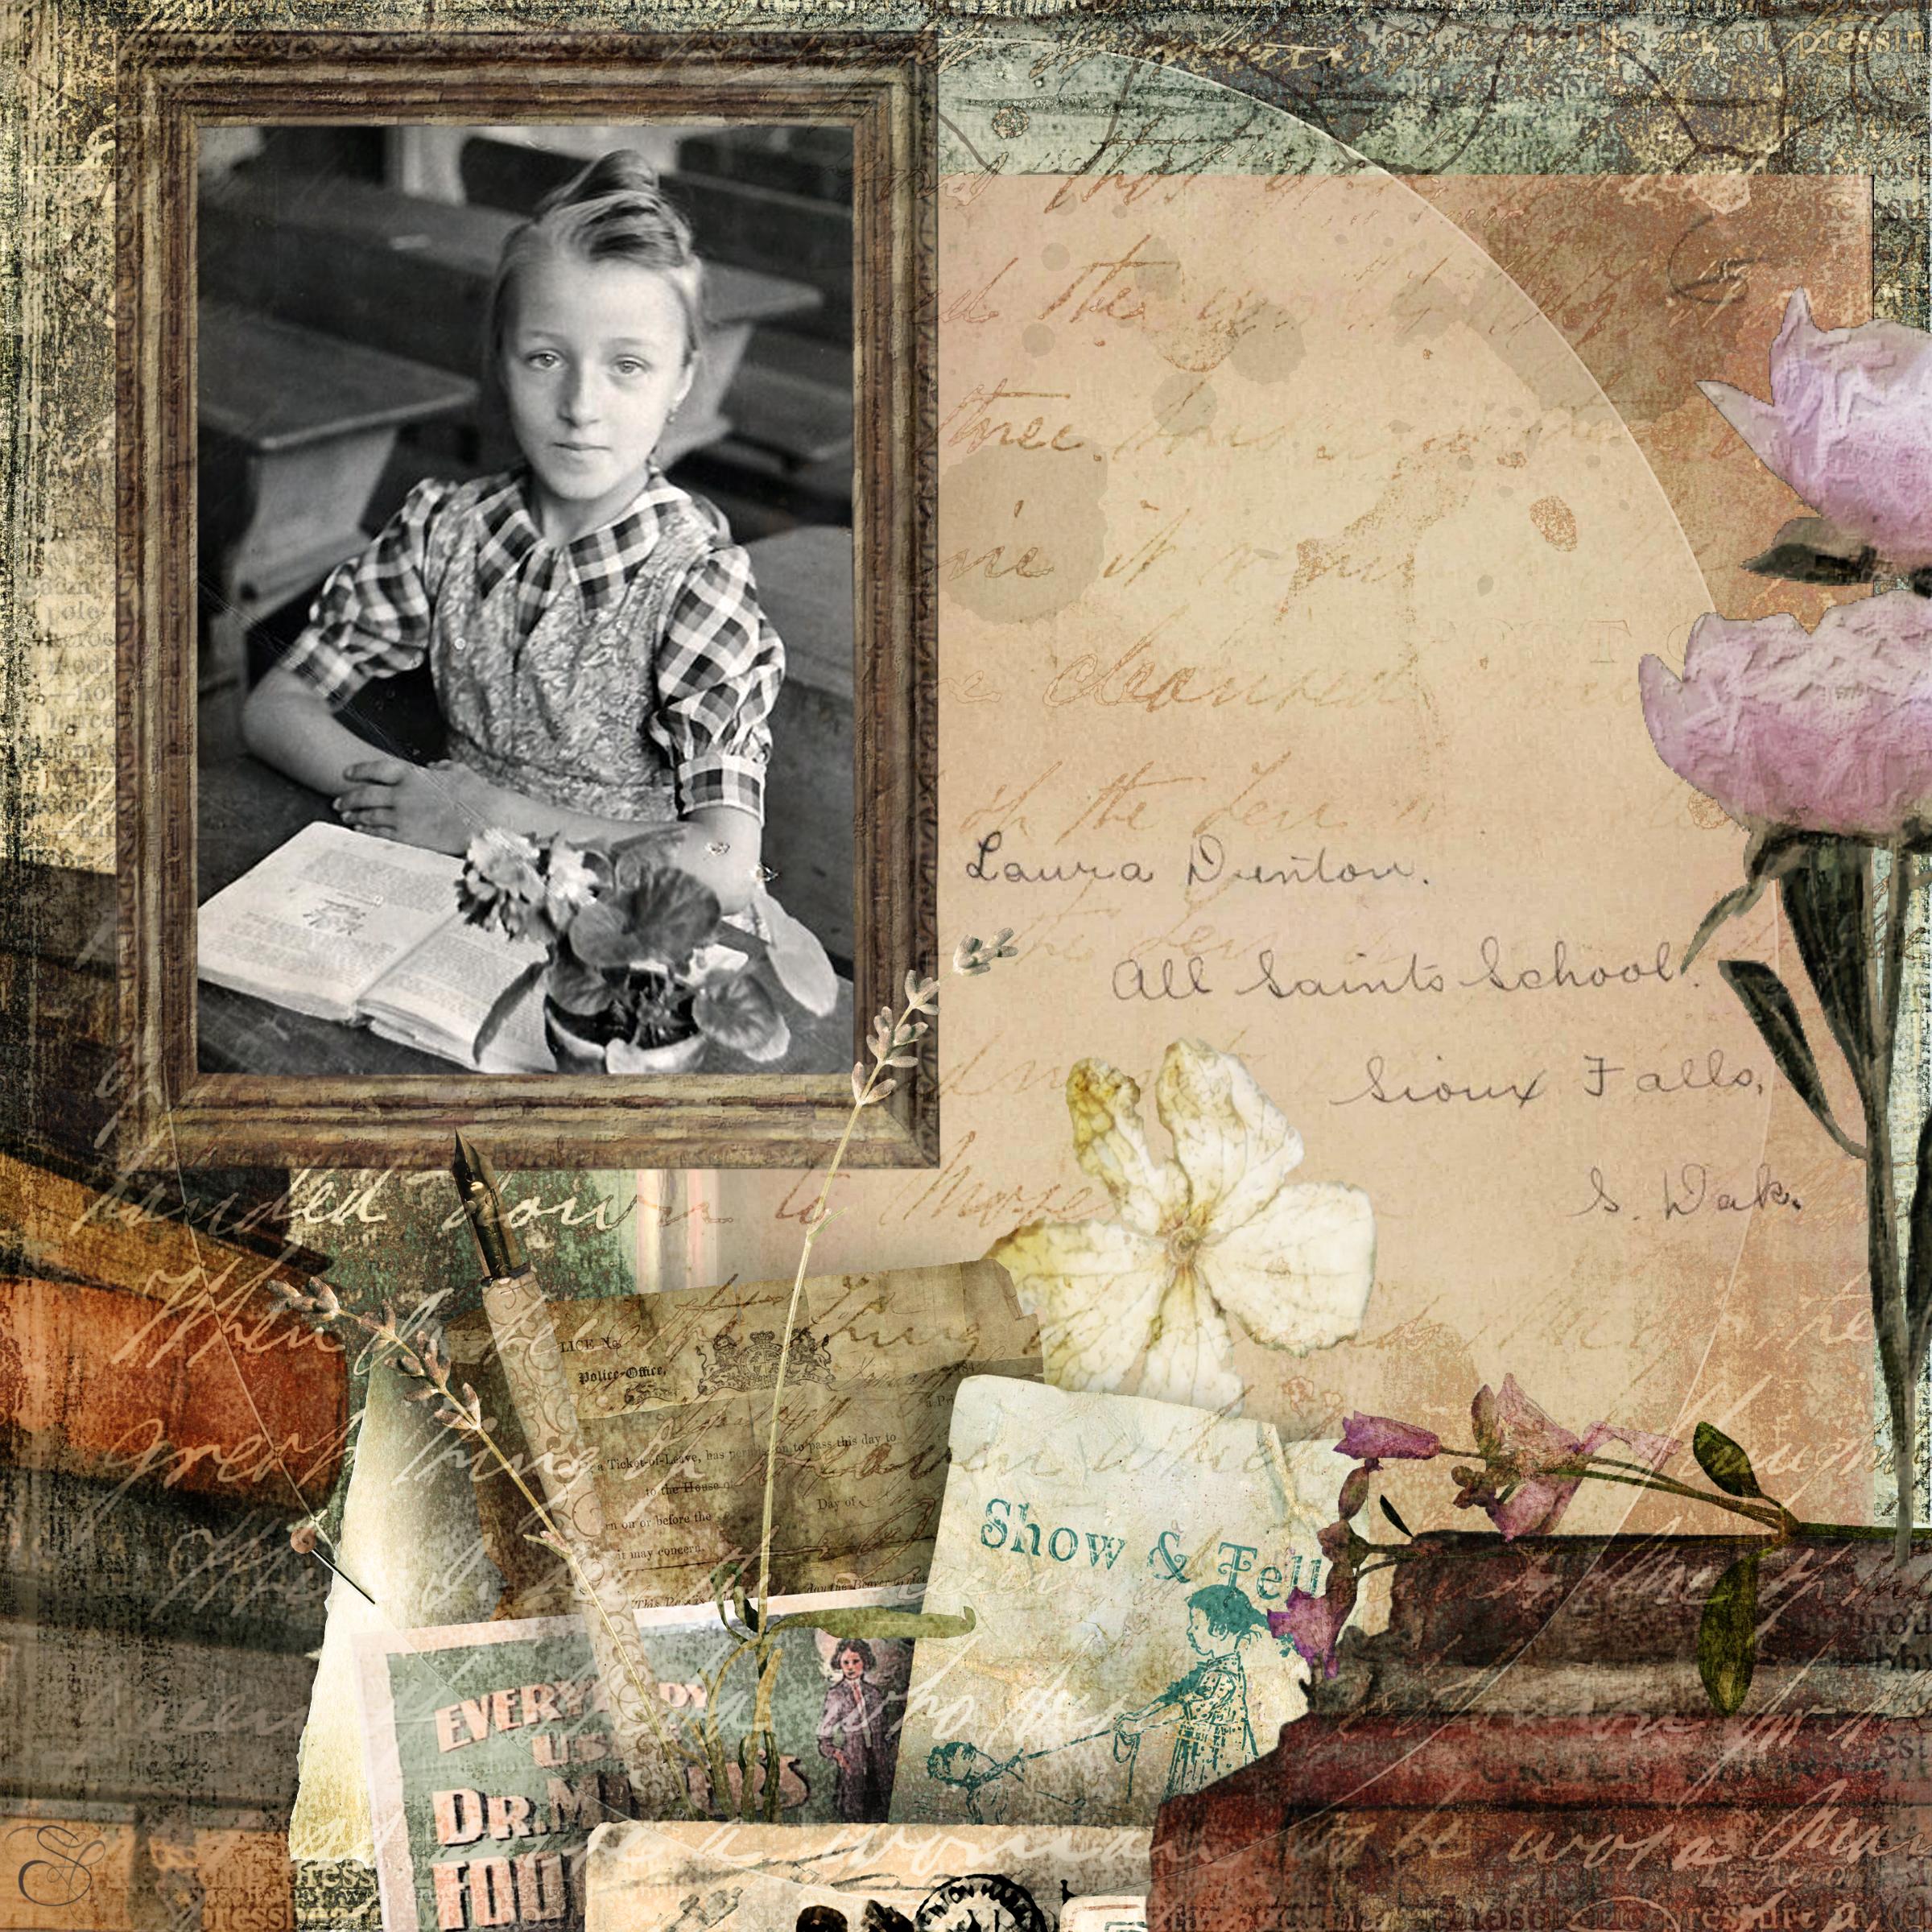 Laura Denton copy.jpg